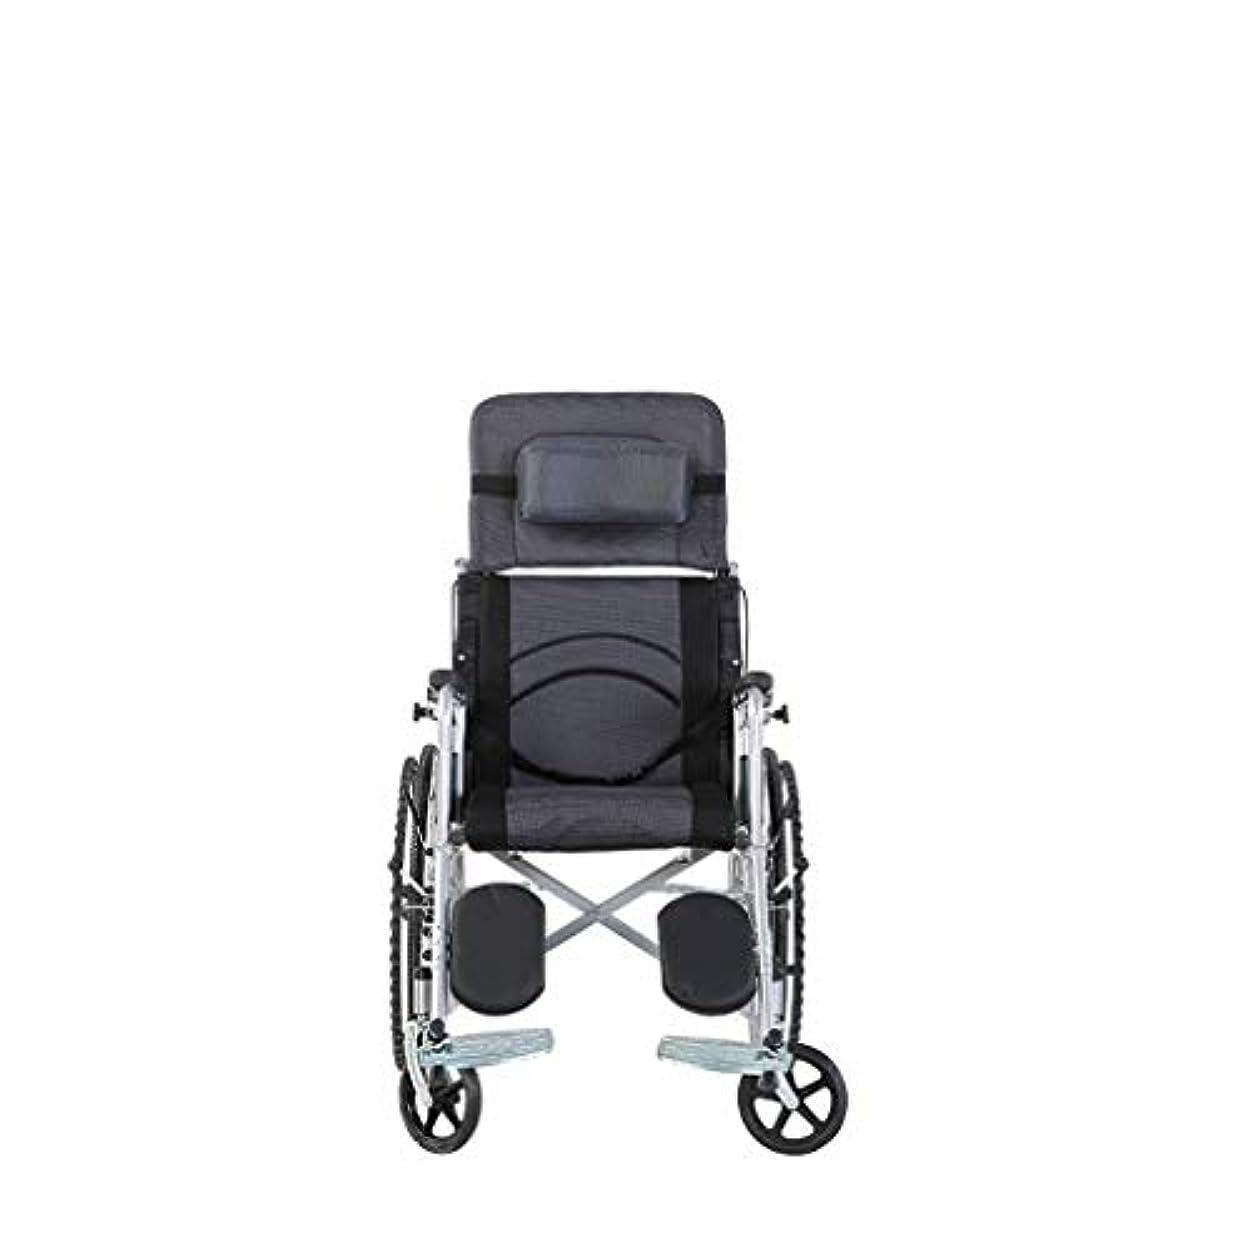 最も遠いテザー大使館車椅子折りたたみポータブル多目的車椅子、高齢者ポータブルトロリー、身体障害者用屋外車椅子